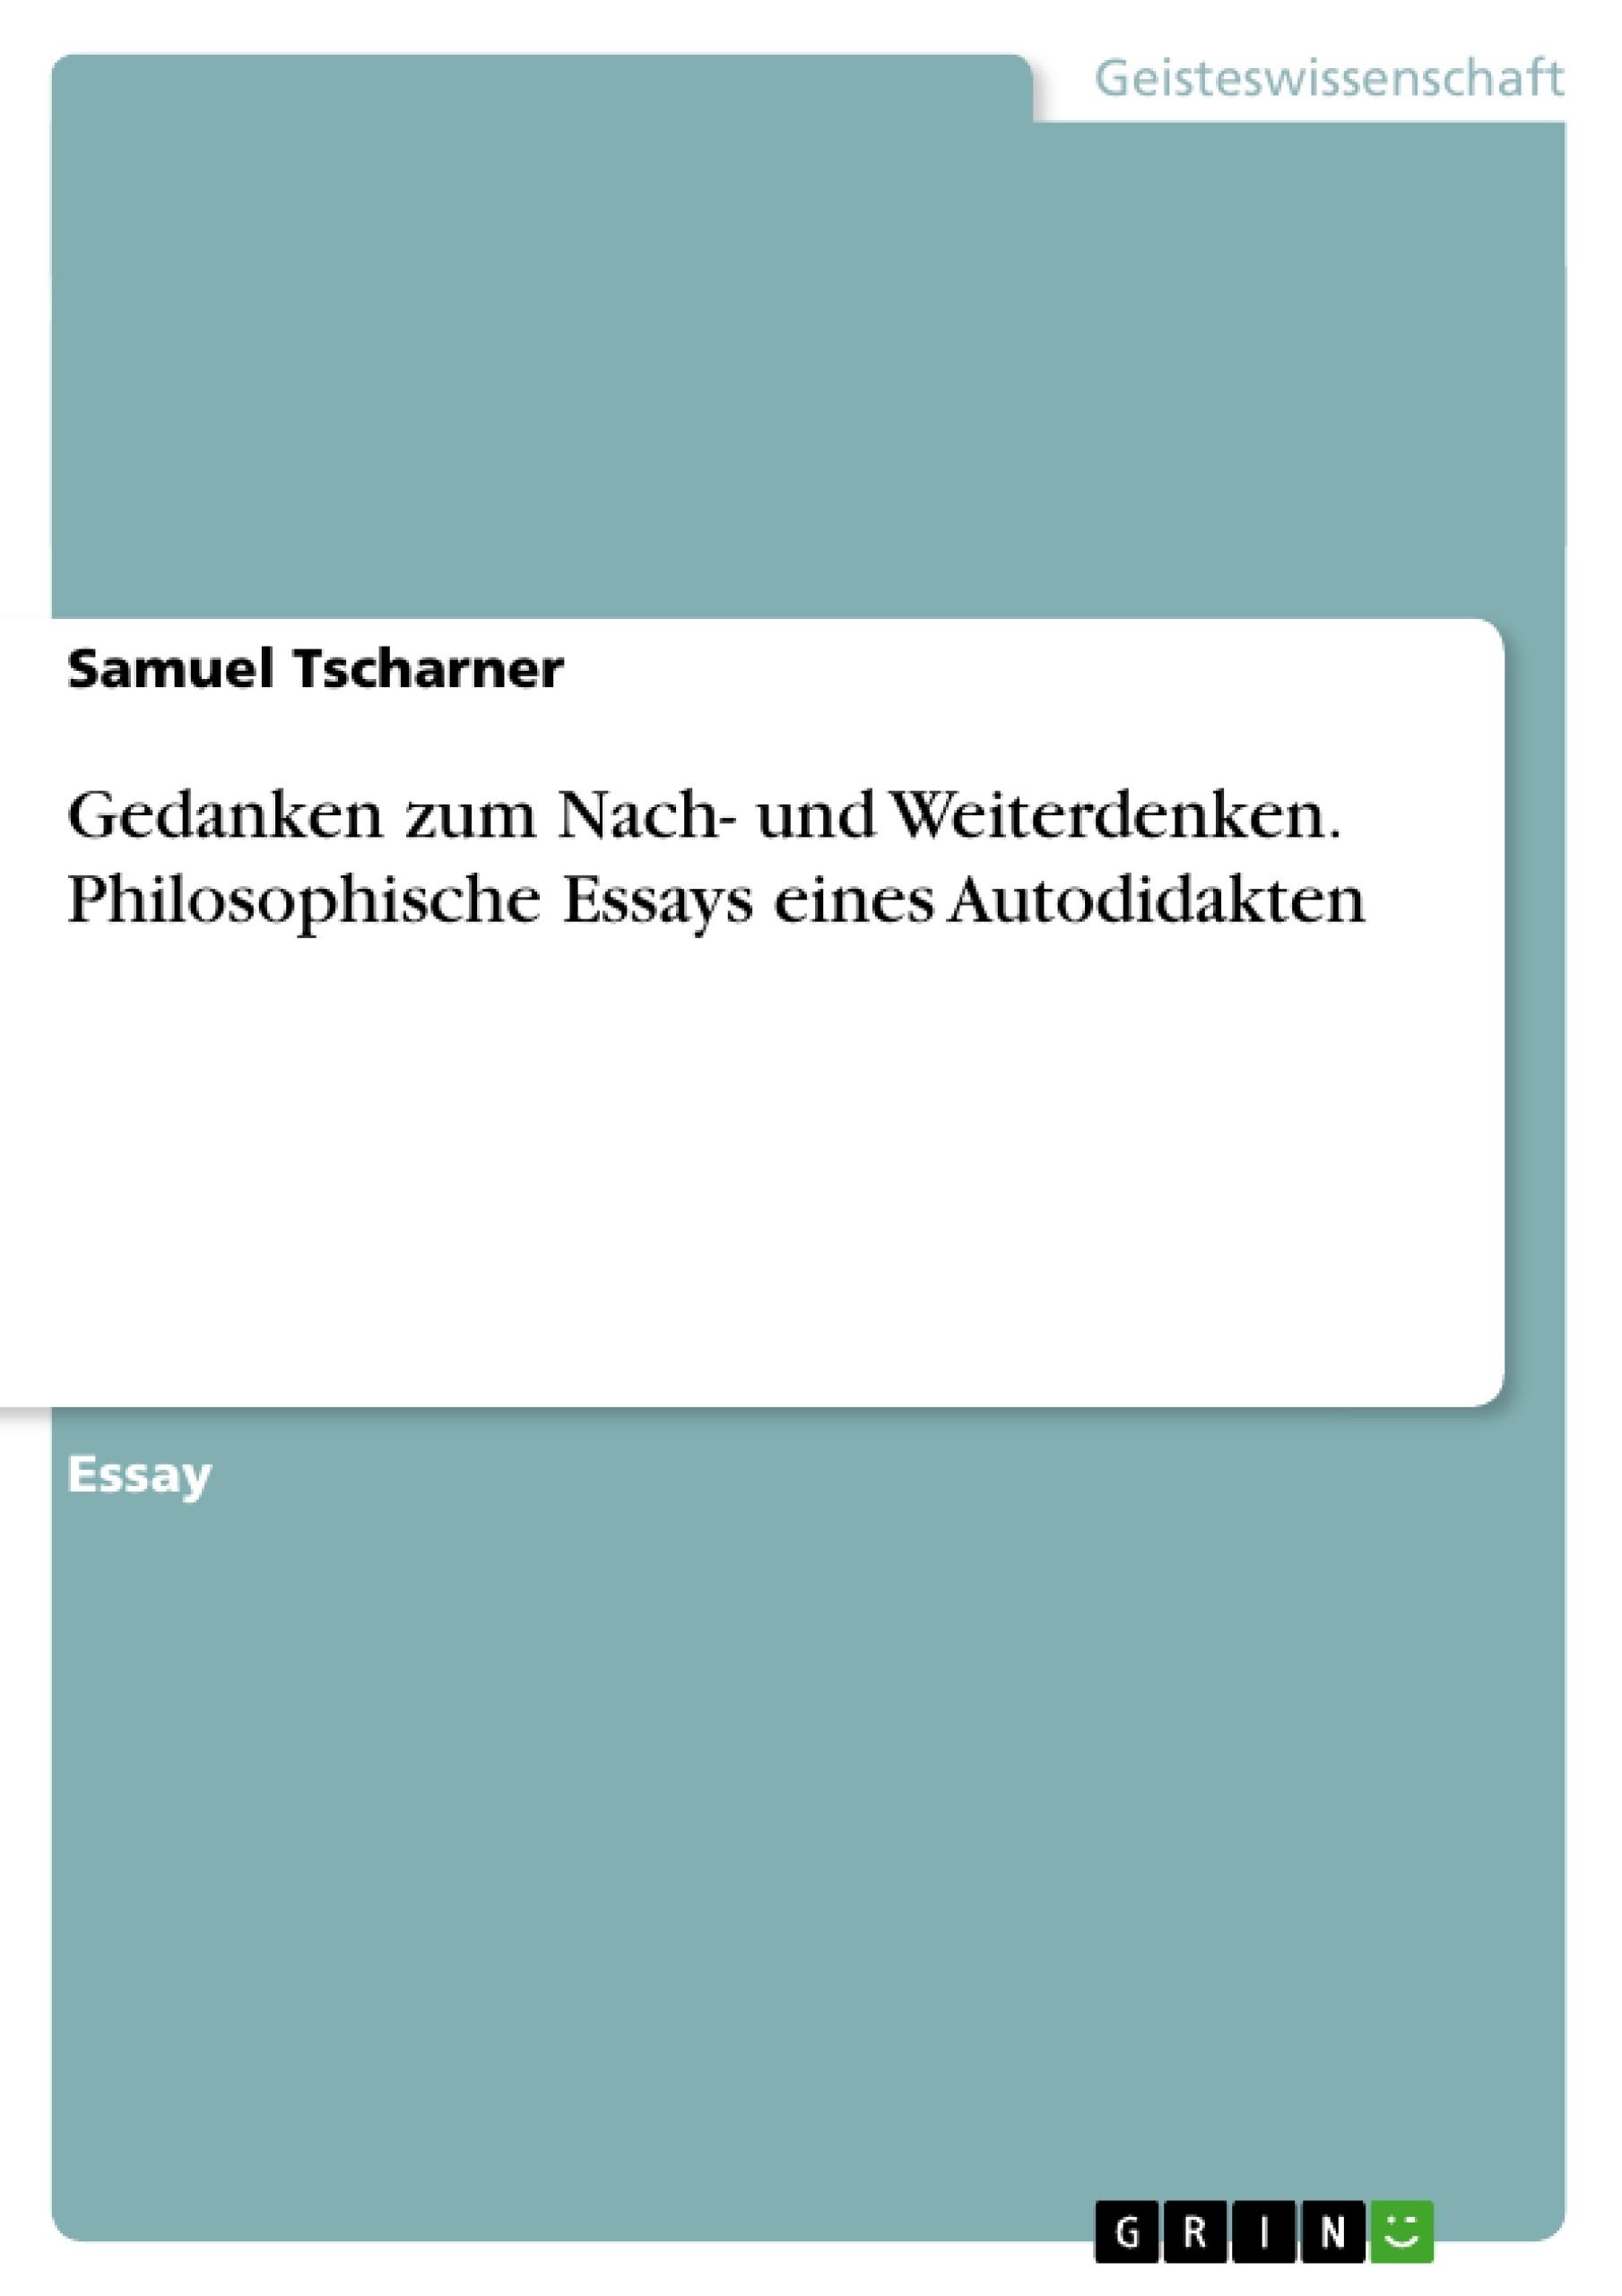 Titel: Gedanken zum Nach- und Weiterdenken. Philosophische Essays eines Autodidakten